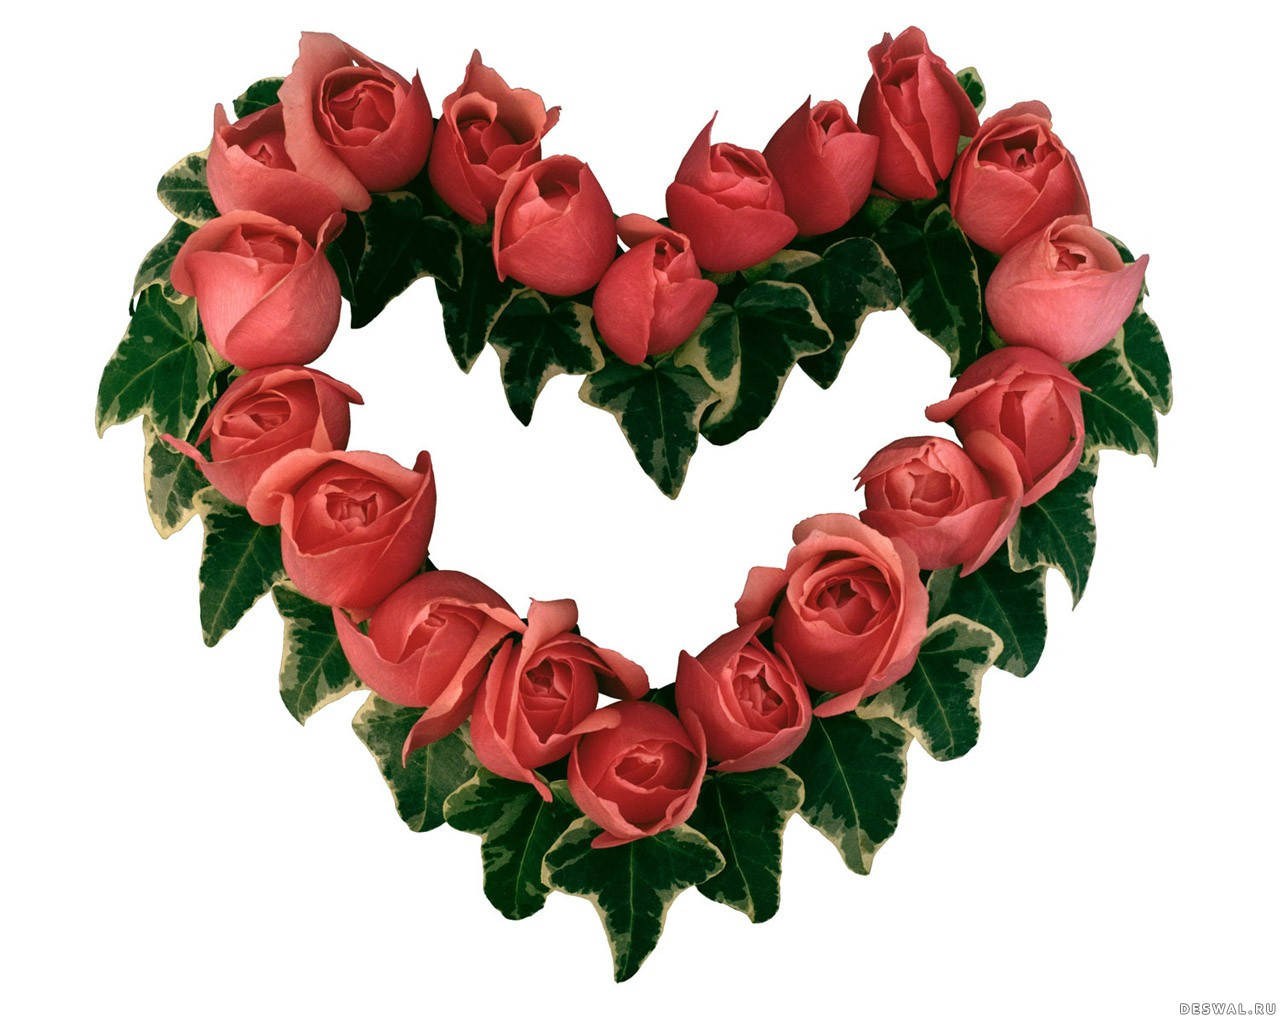 http://deswal.ru/valentine/1280-1024/00000026.jpg